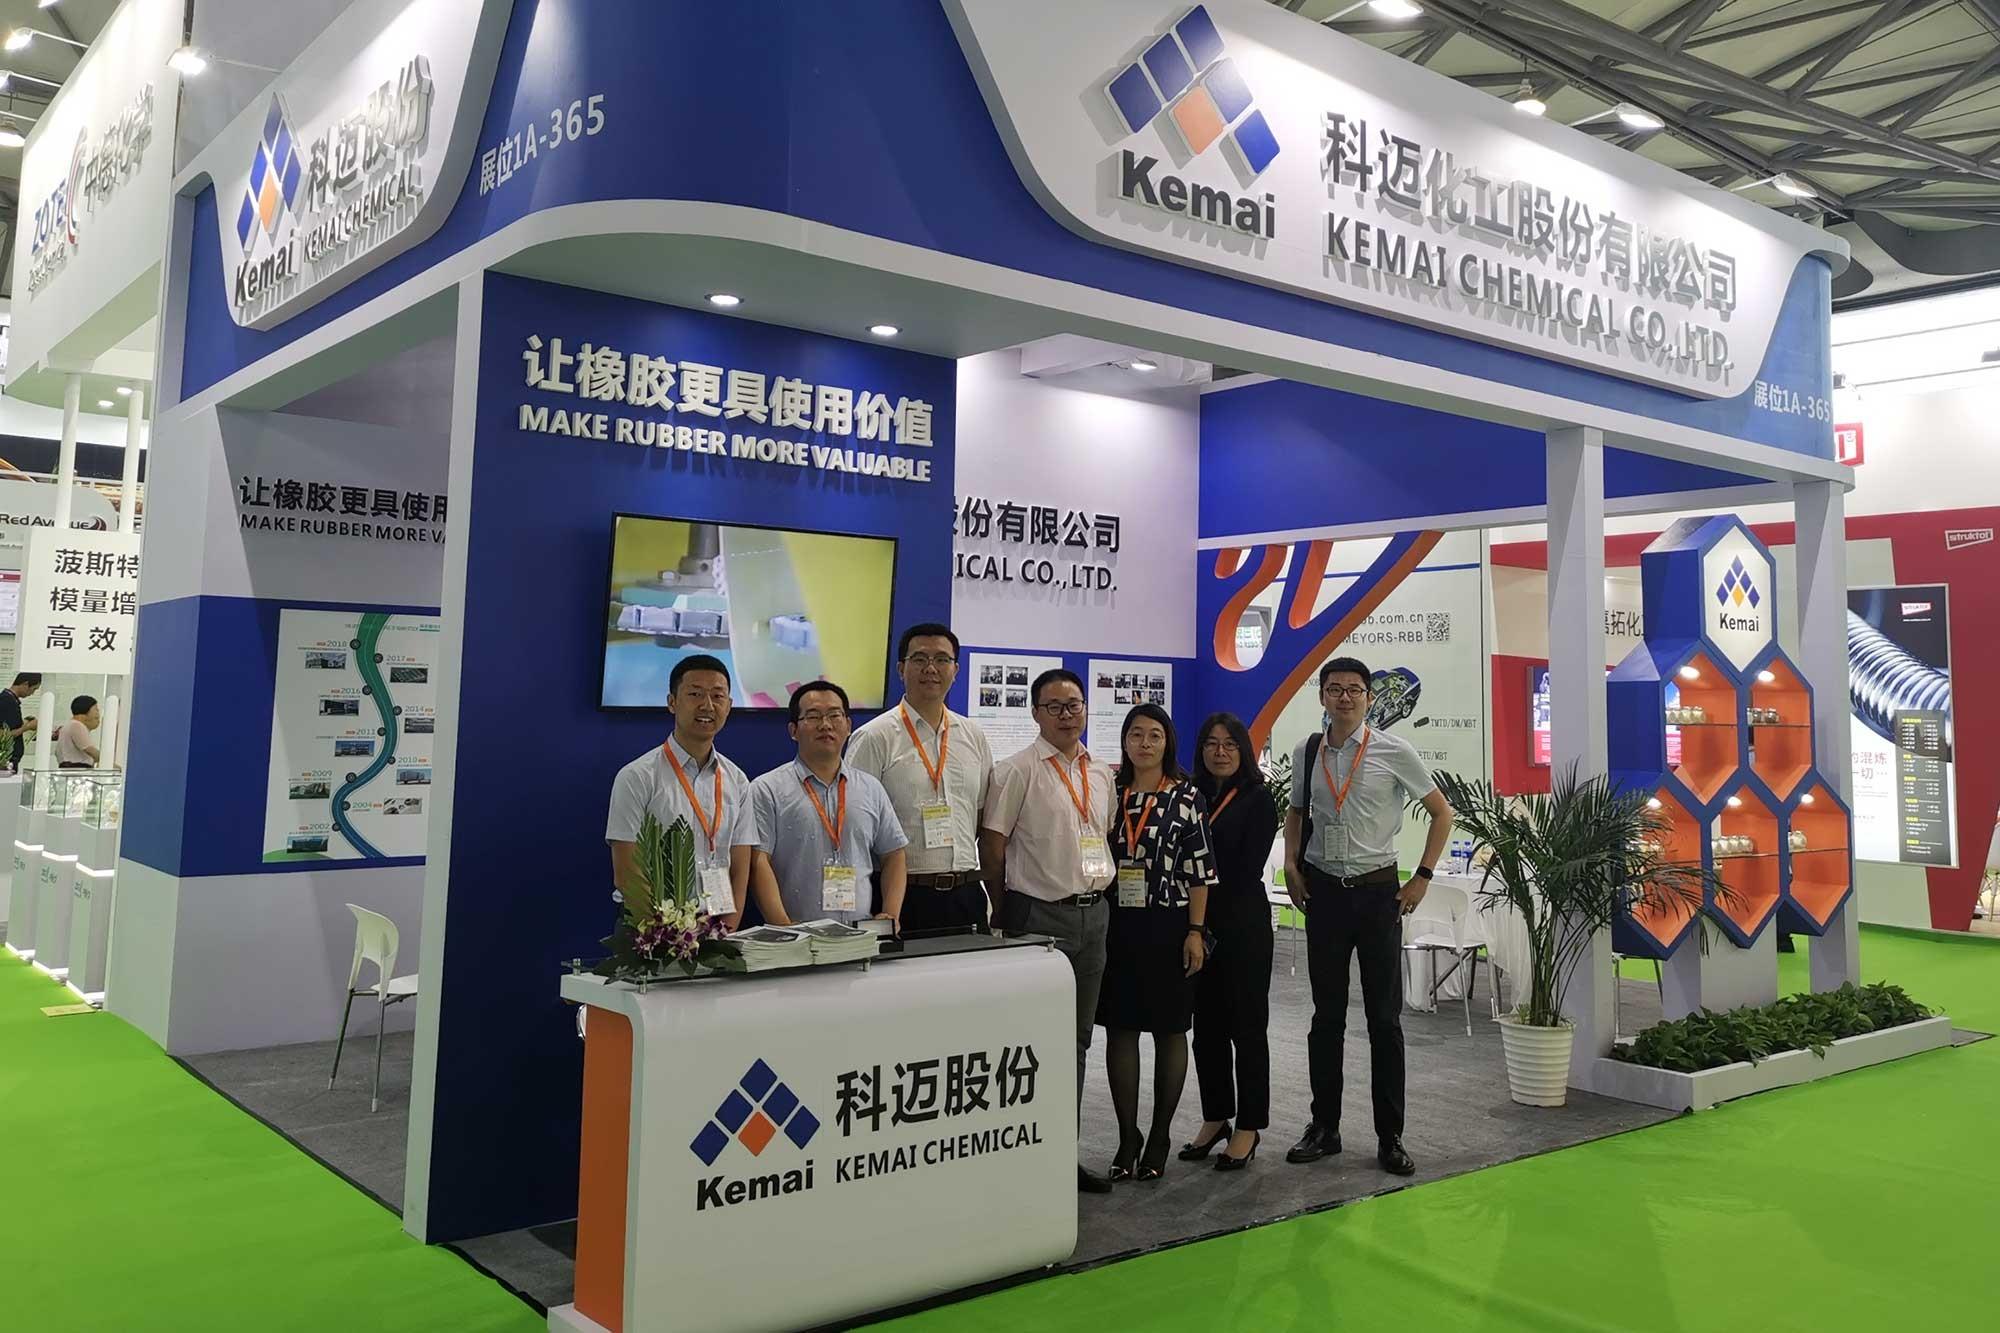 科迈股份出席RubberTech2019中国国际橡胶技术展览会